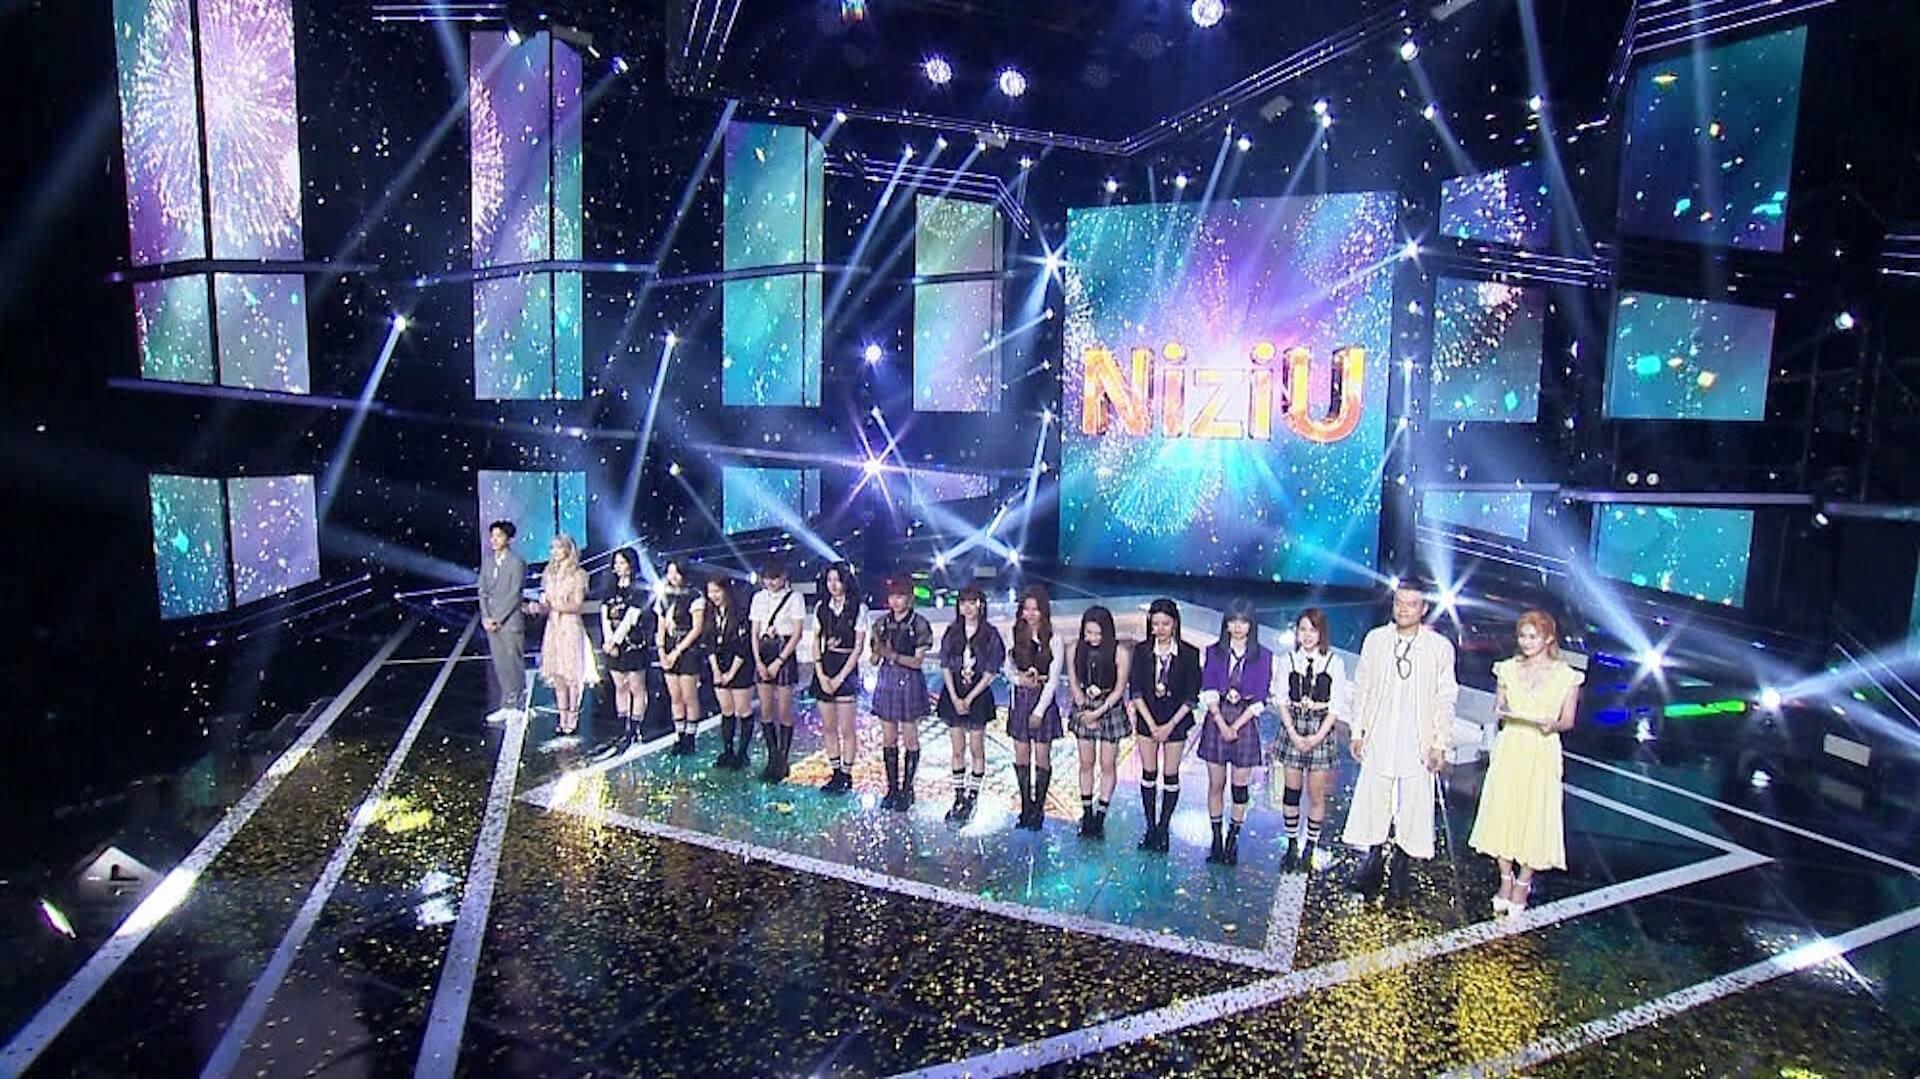 本日完結のNizi Projectから新グループNiziUが誕生!ミニアルバムで急遽プレデビュー決定 music200626_niziu_8